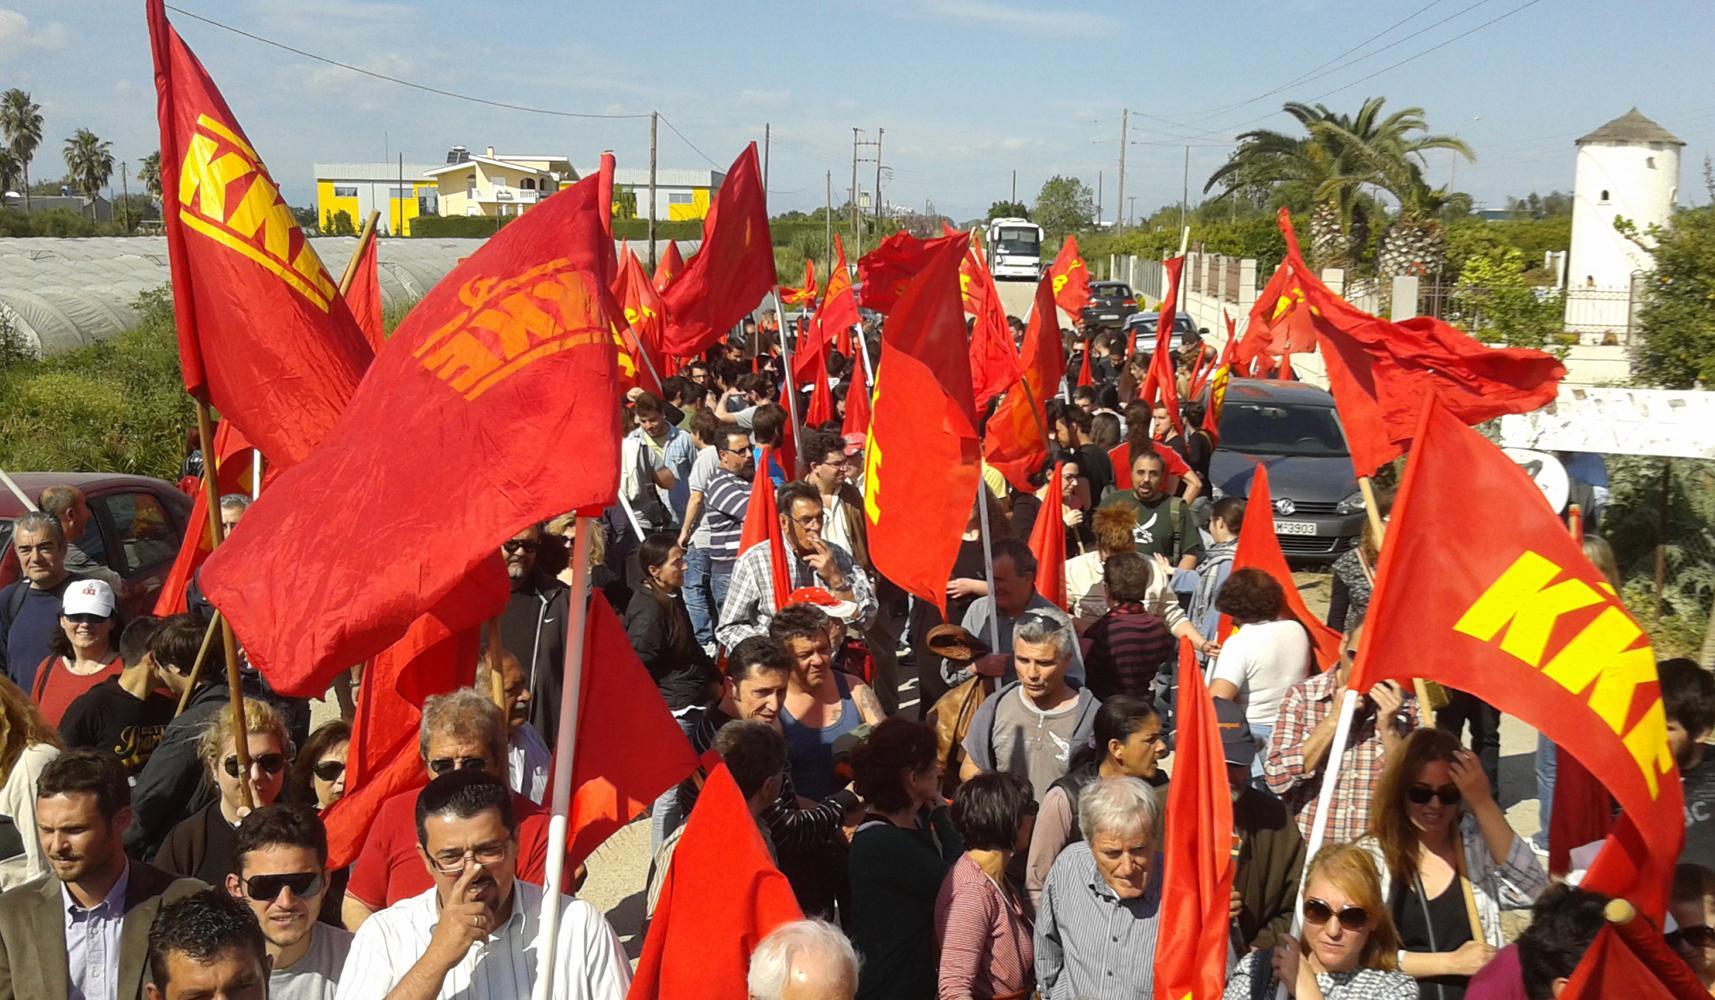 Греческие и иностранные рабочие на демонстрации